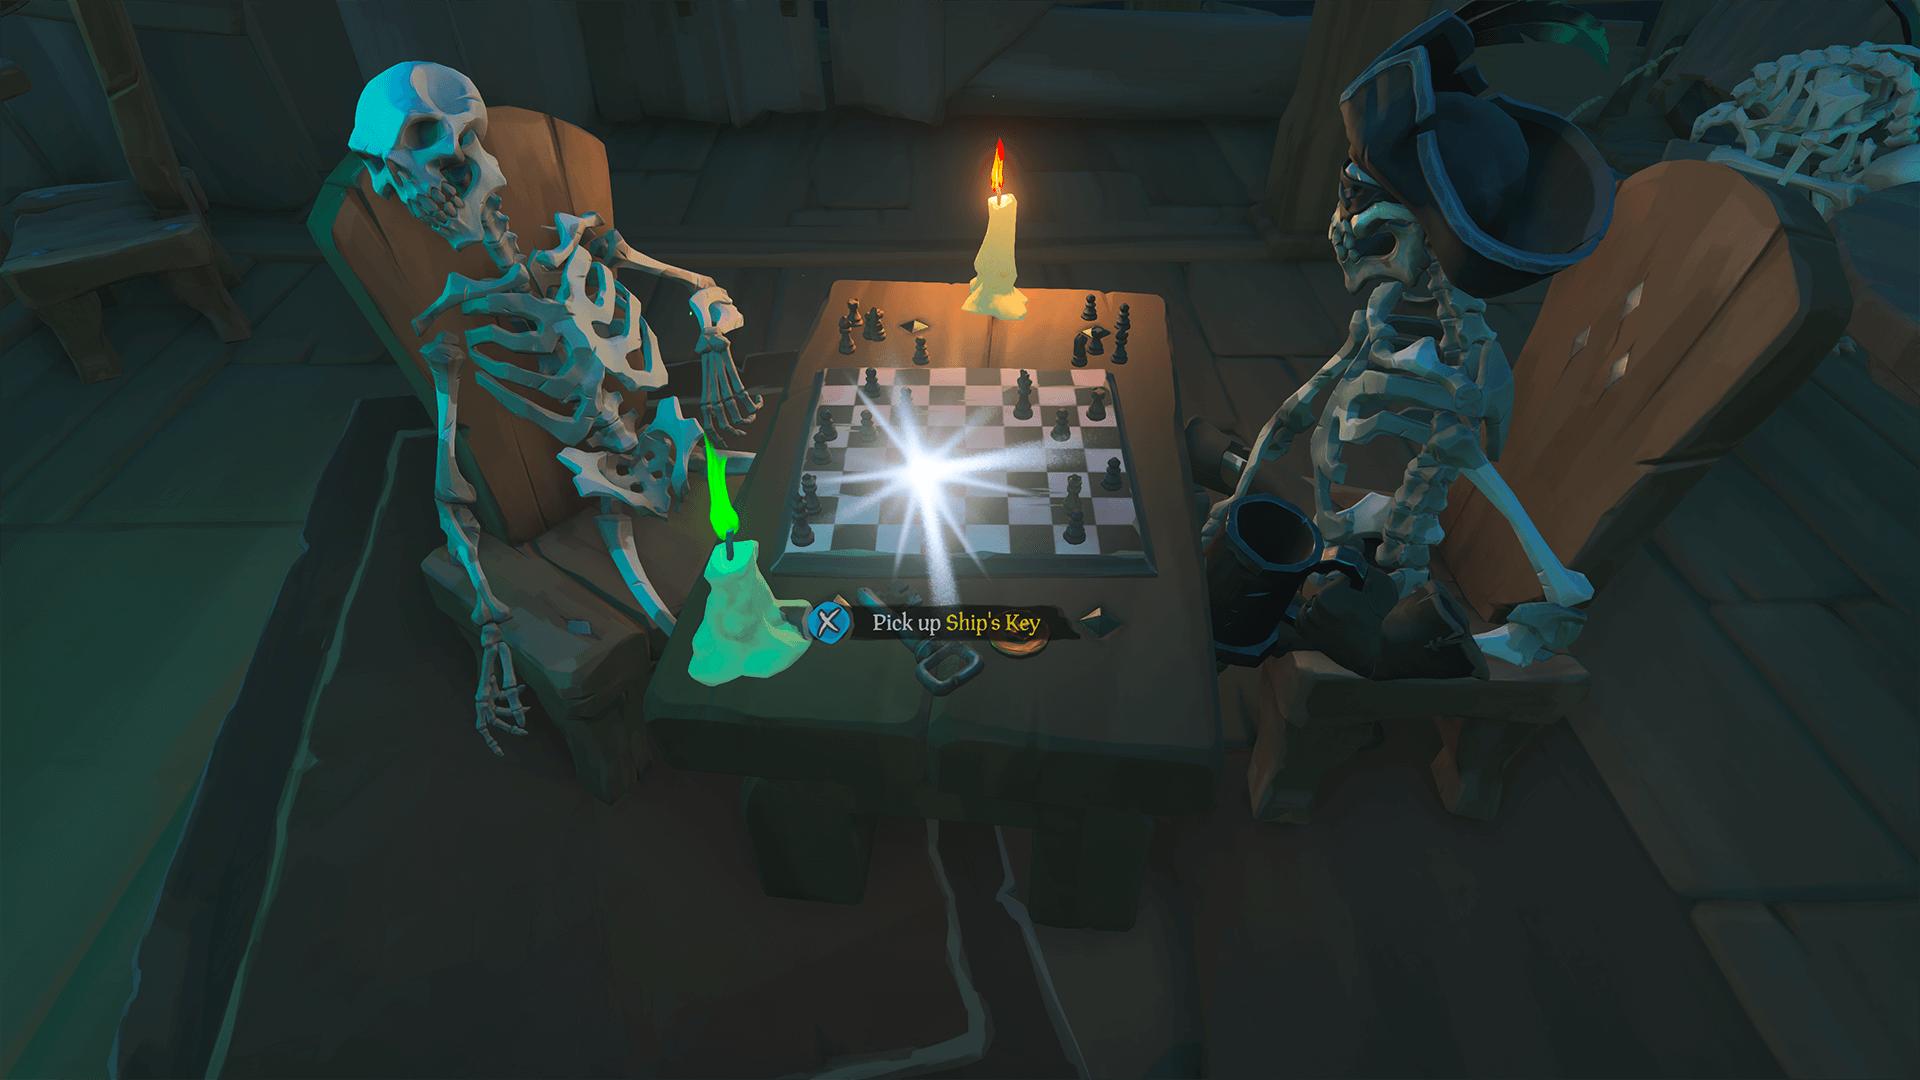 Pick up Ship's Key